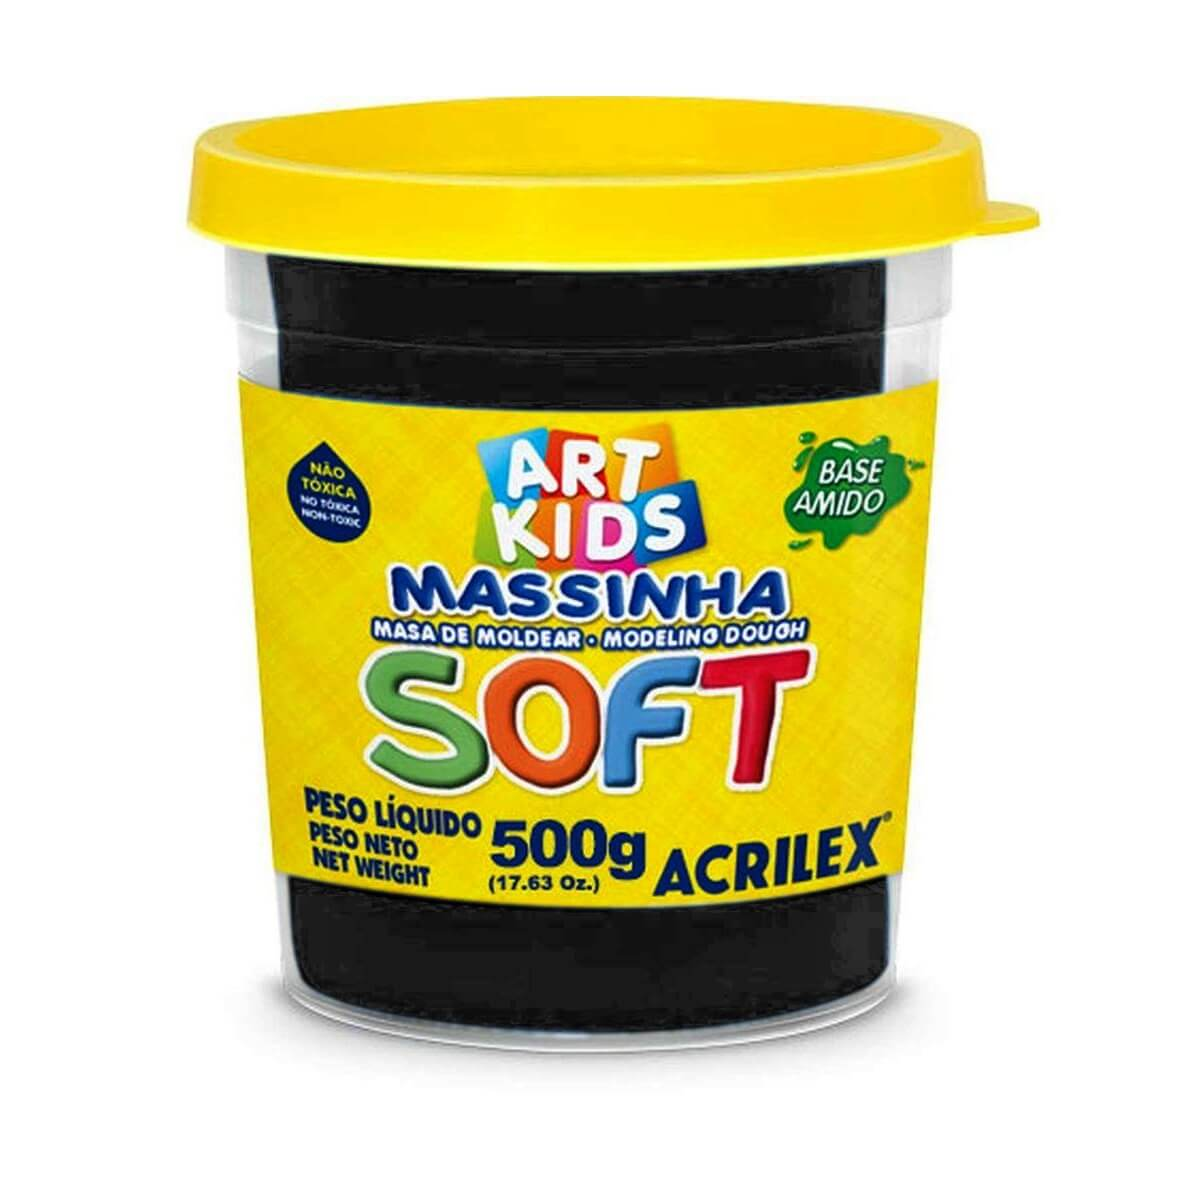 MASSINHA DE MODELAR SOFT ACRILEX POTE 500 G PRETO